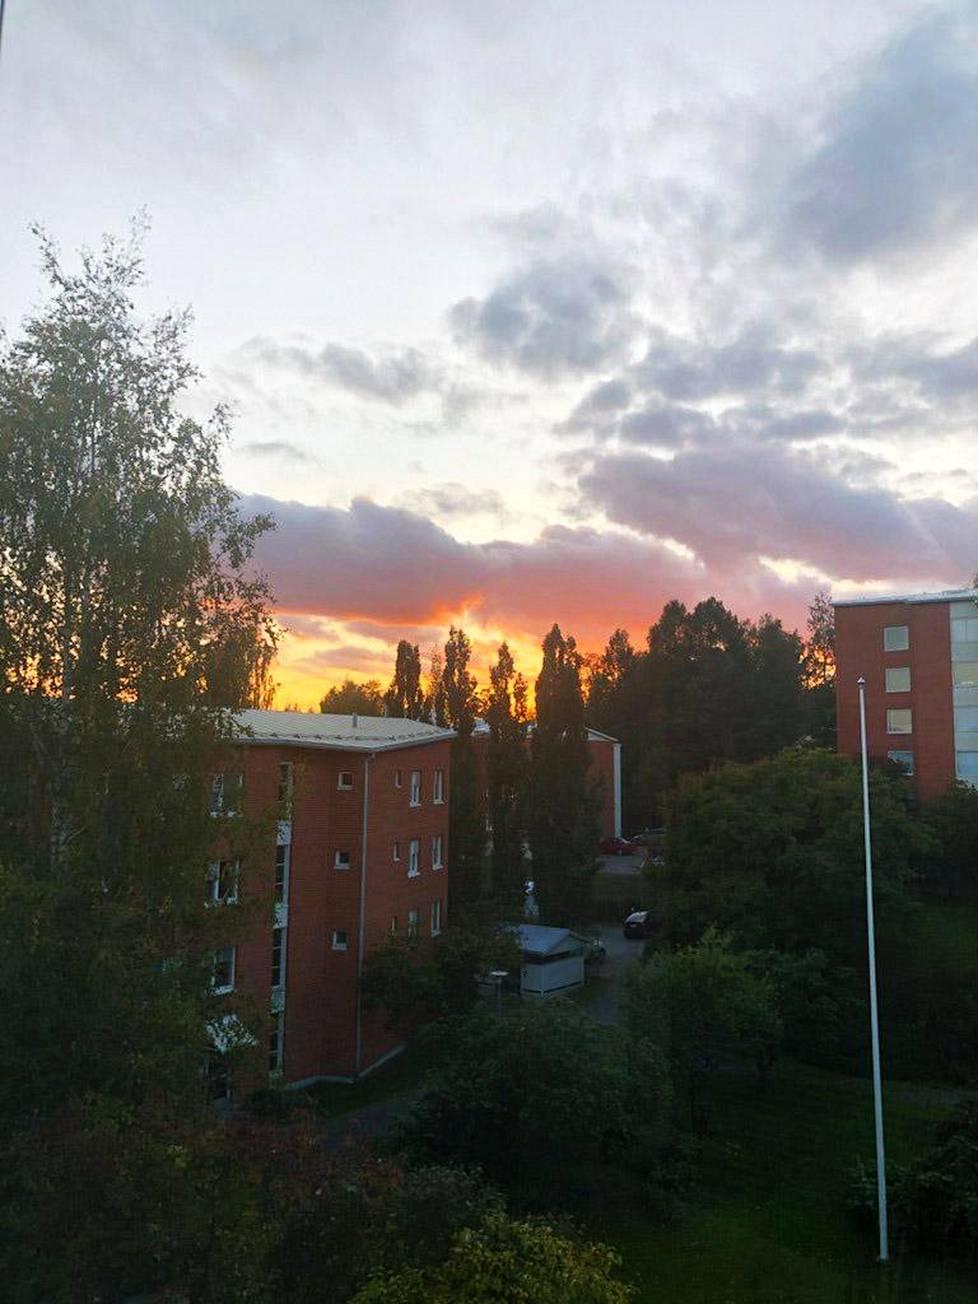 Näkymä Länsi-Tampereella juuri ennen auringonlaskua.